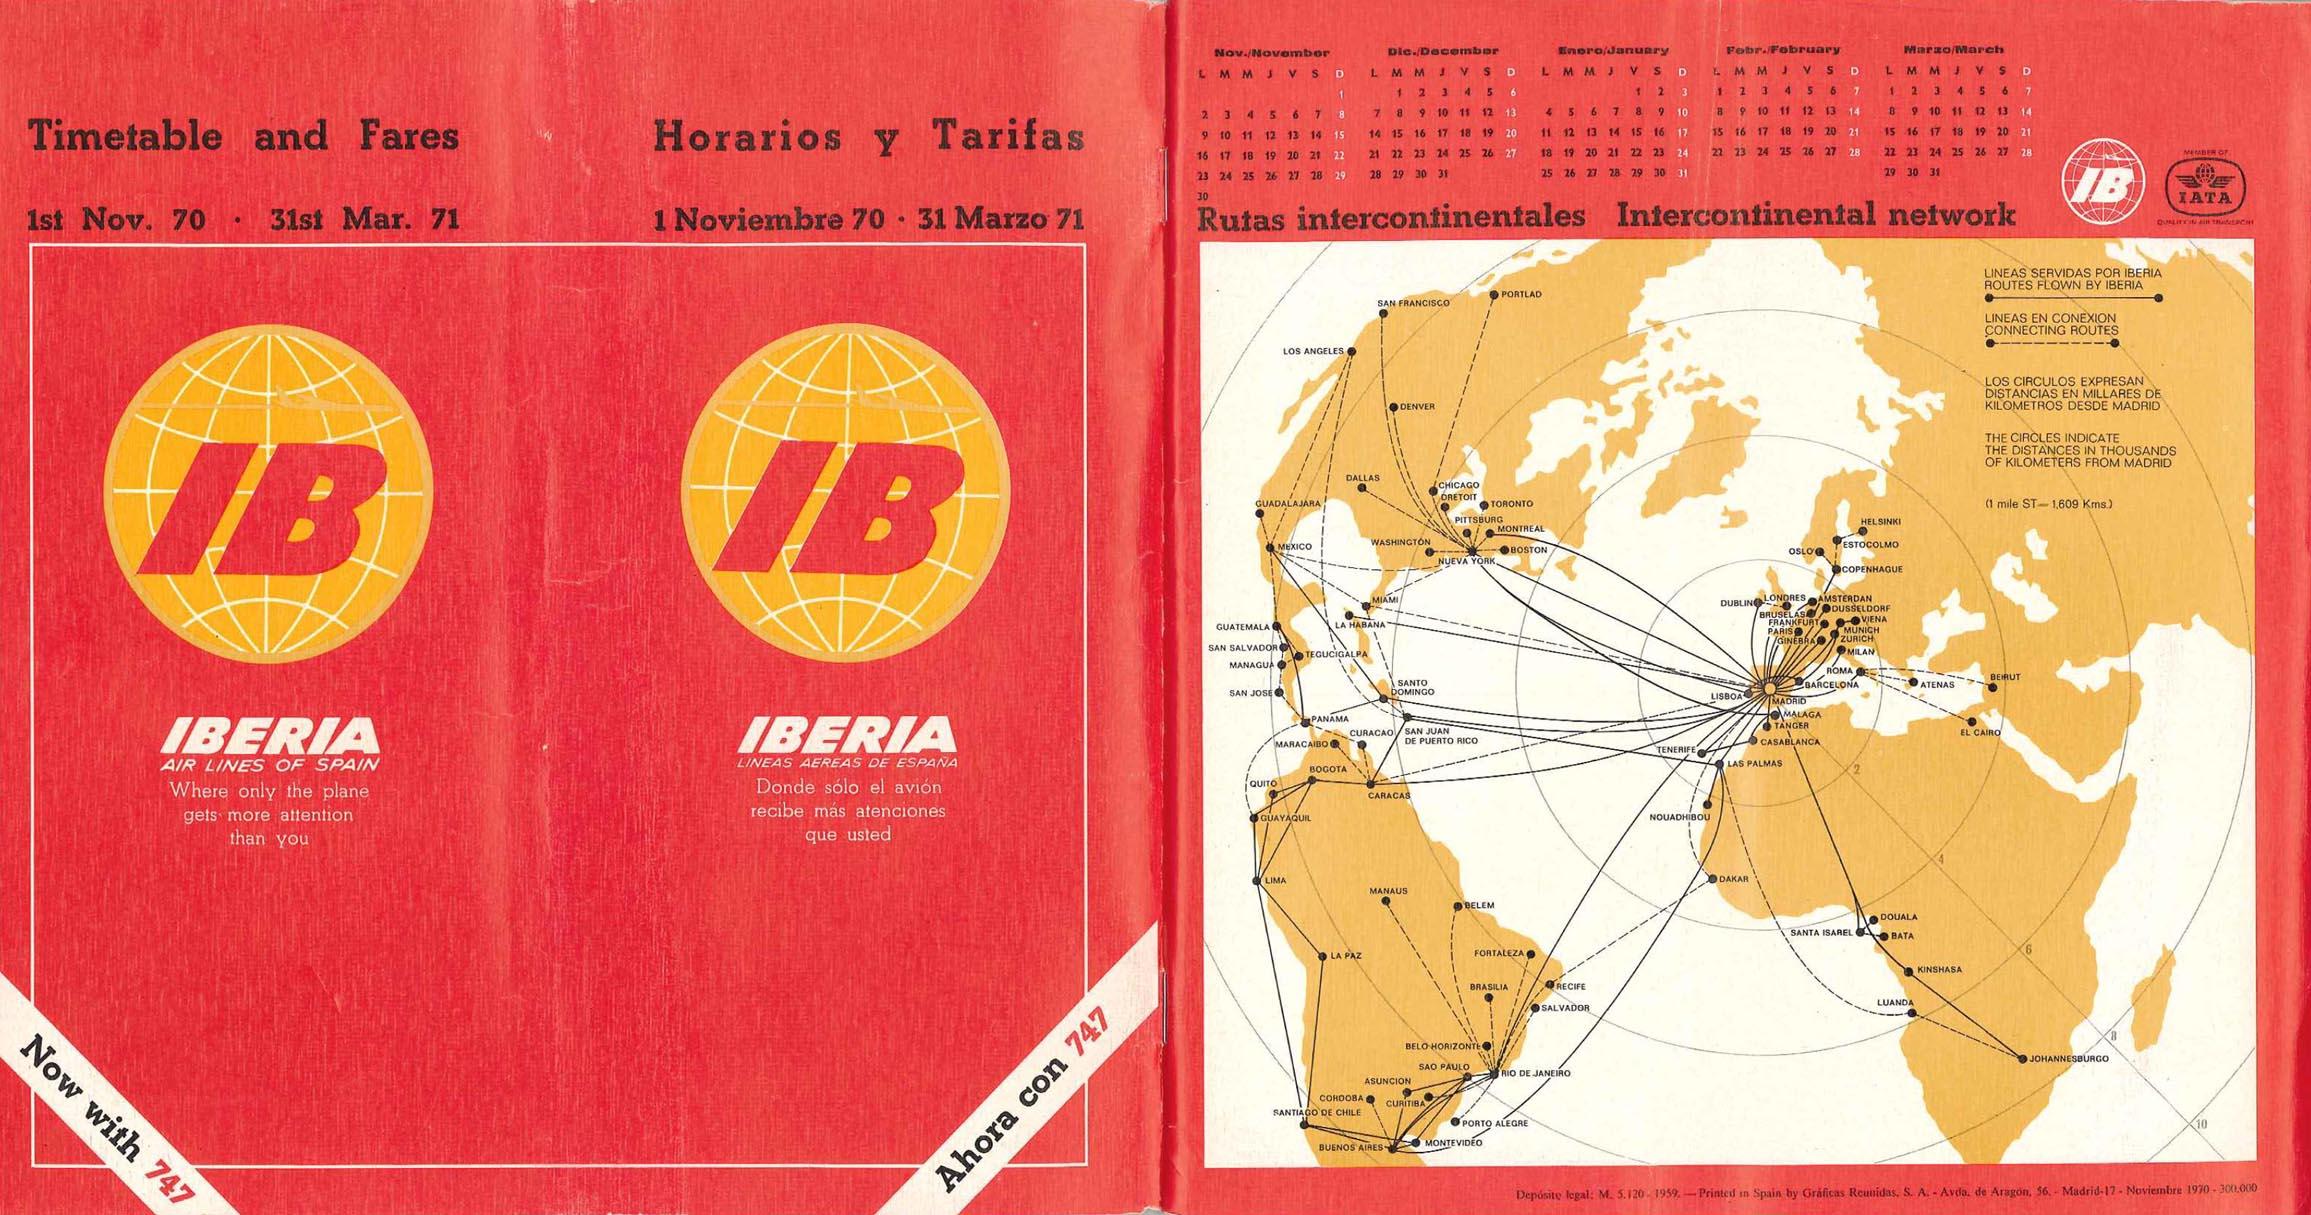 Portada de Tabla de horarios y tarifas de Iberia, de 1970. Colección de Diederik R. Vels Heijn.